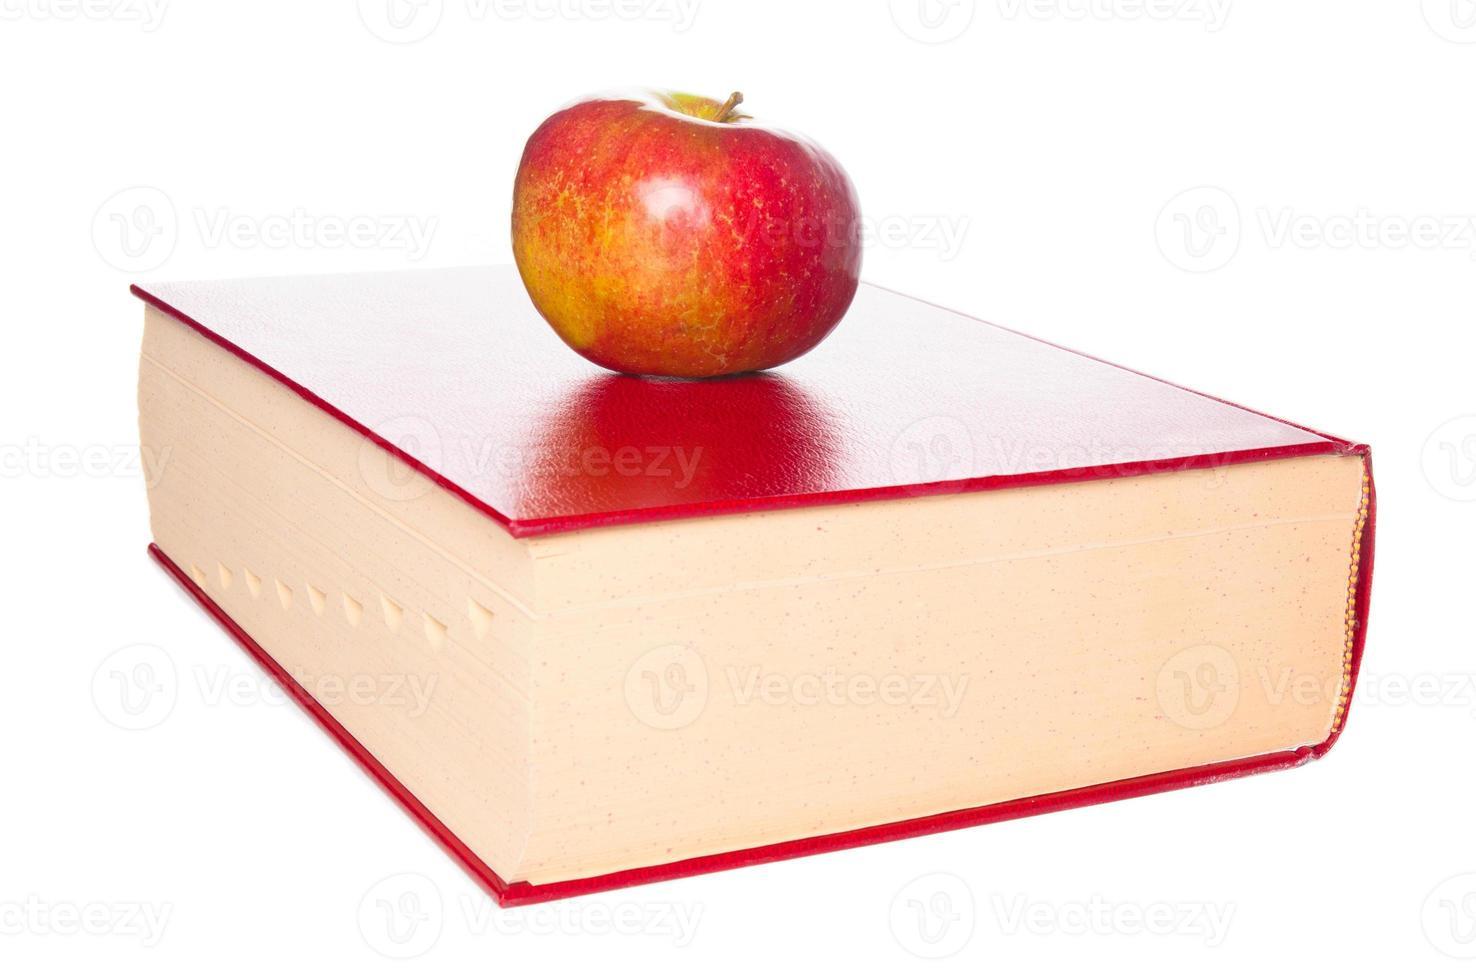 ordbok och äpple närbild på vit bakgrund foto